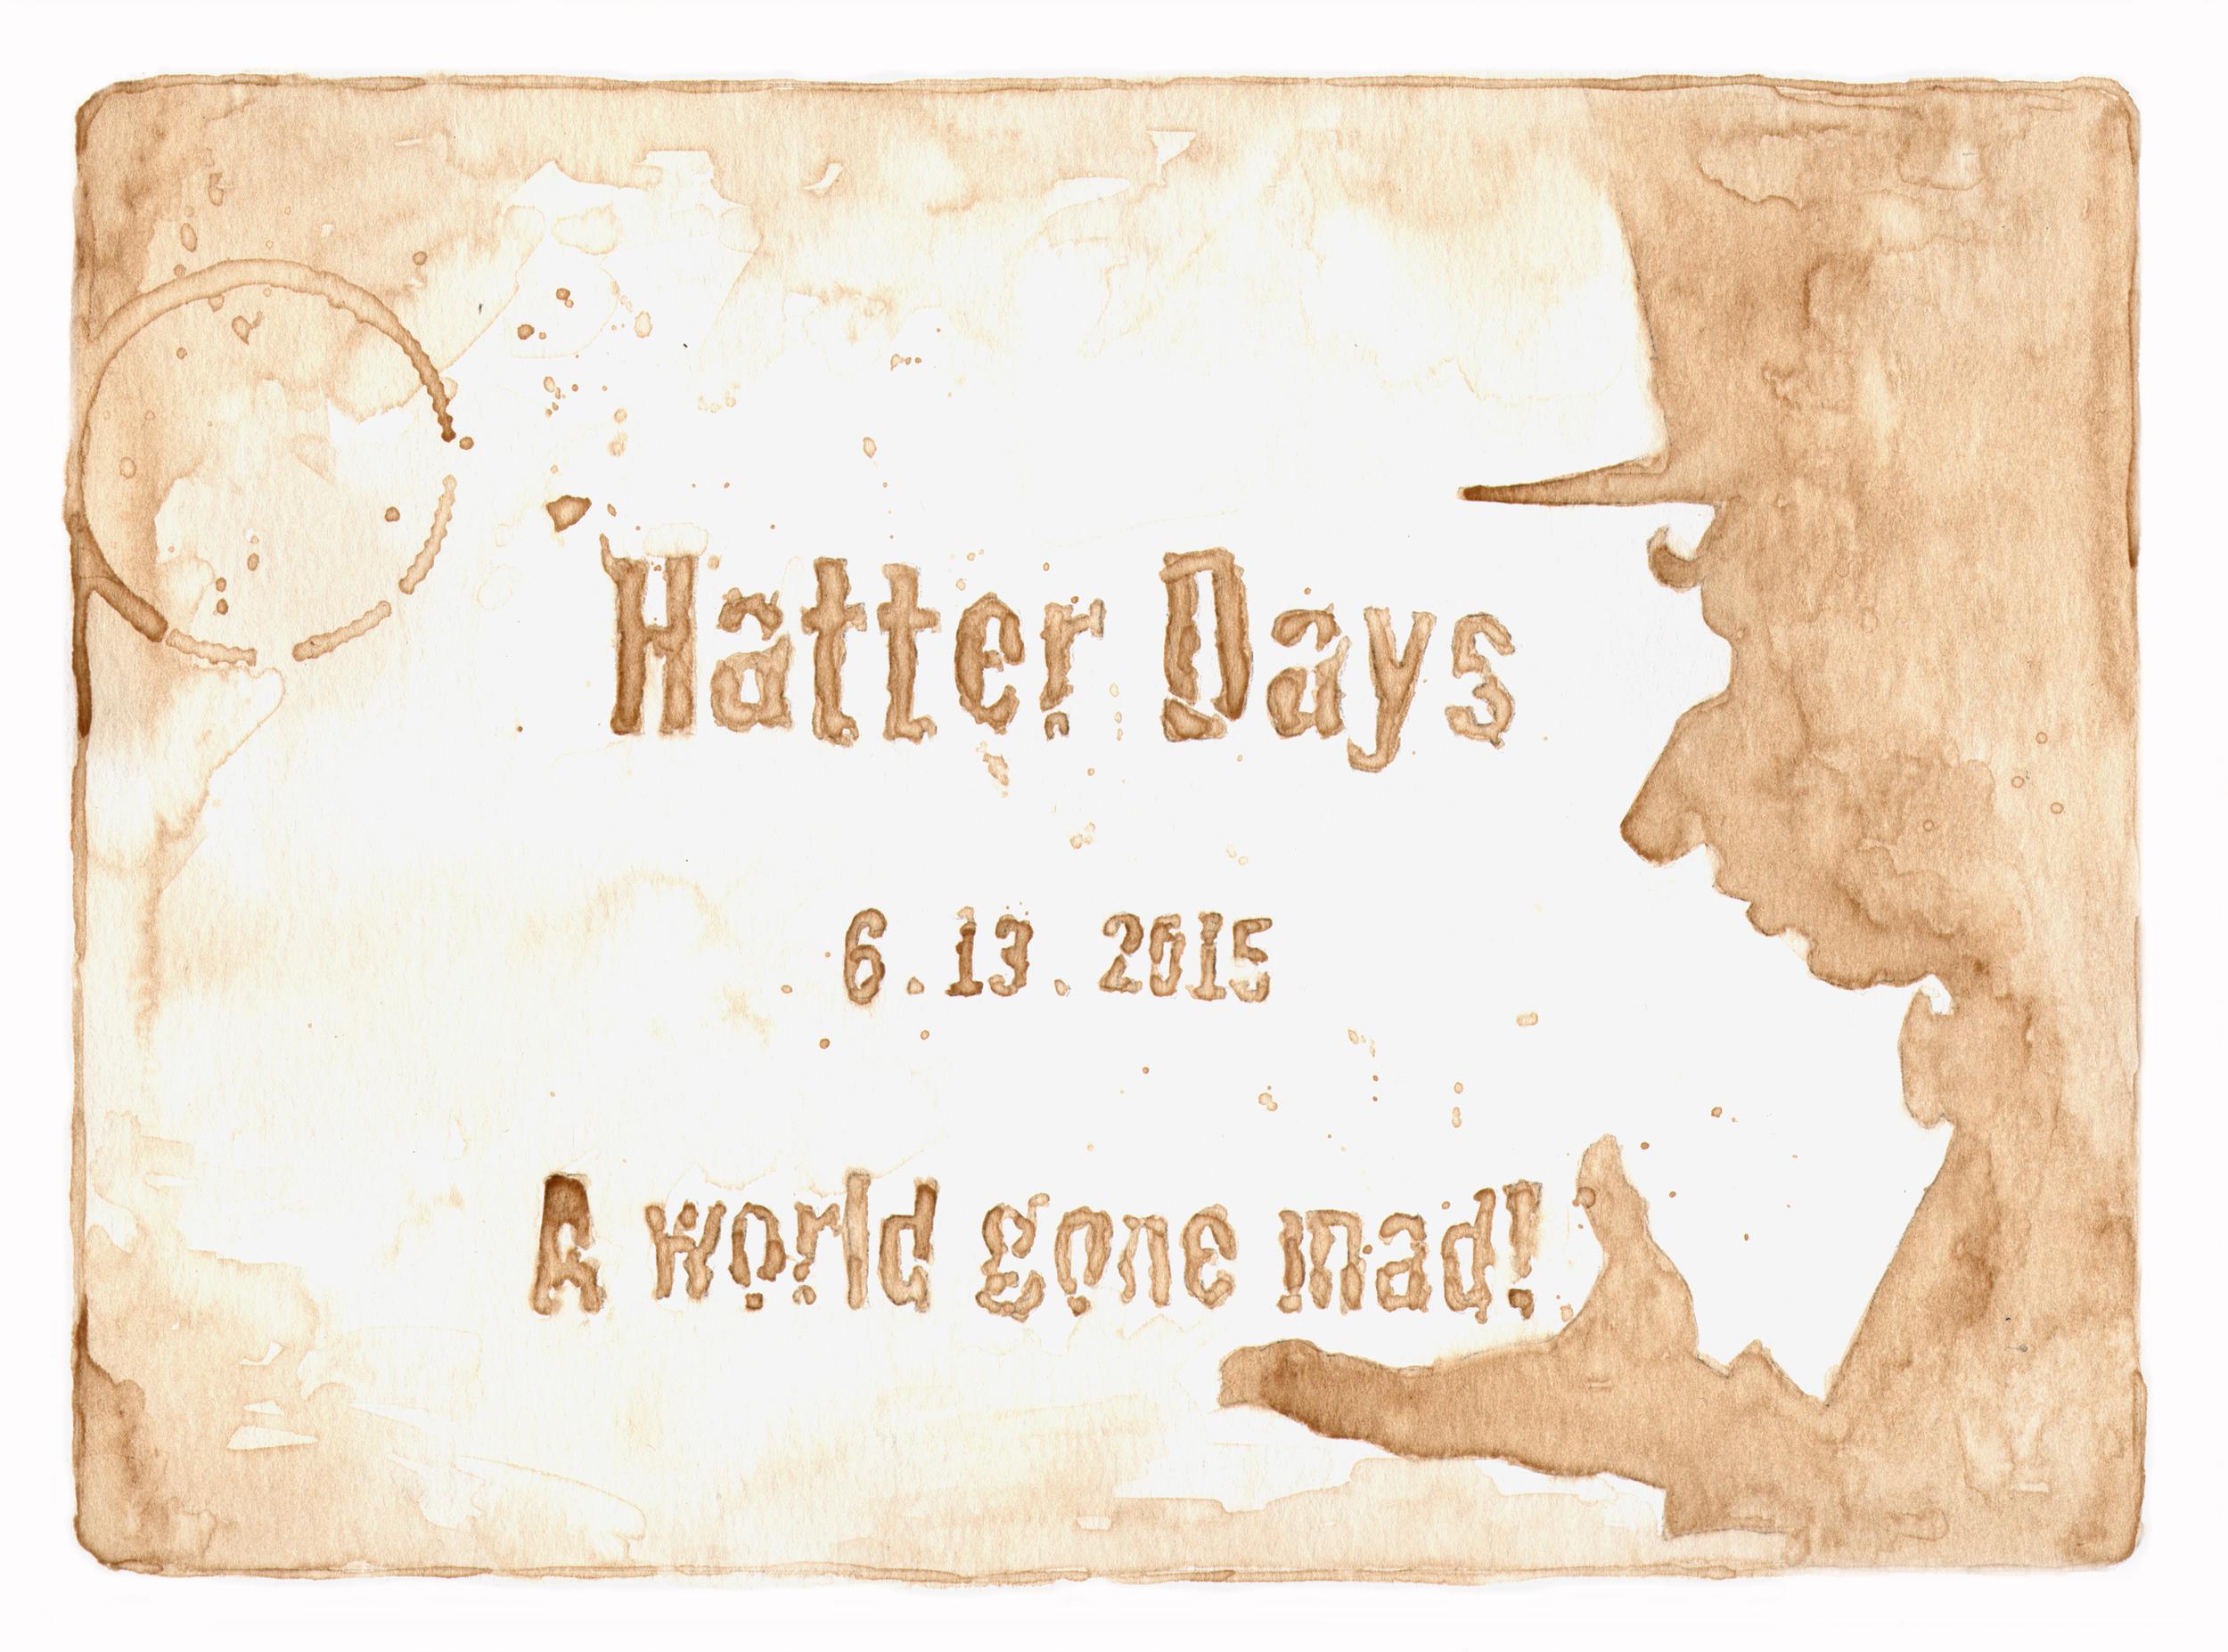 Hatter Days 2015.jpg